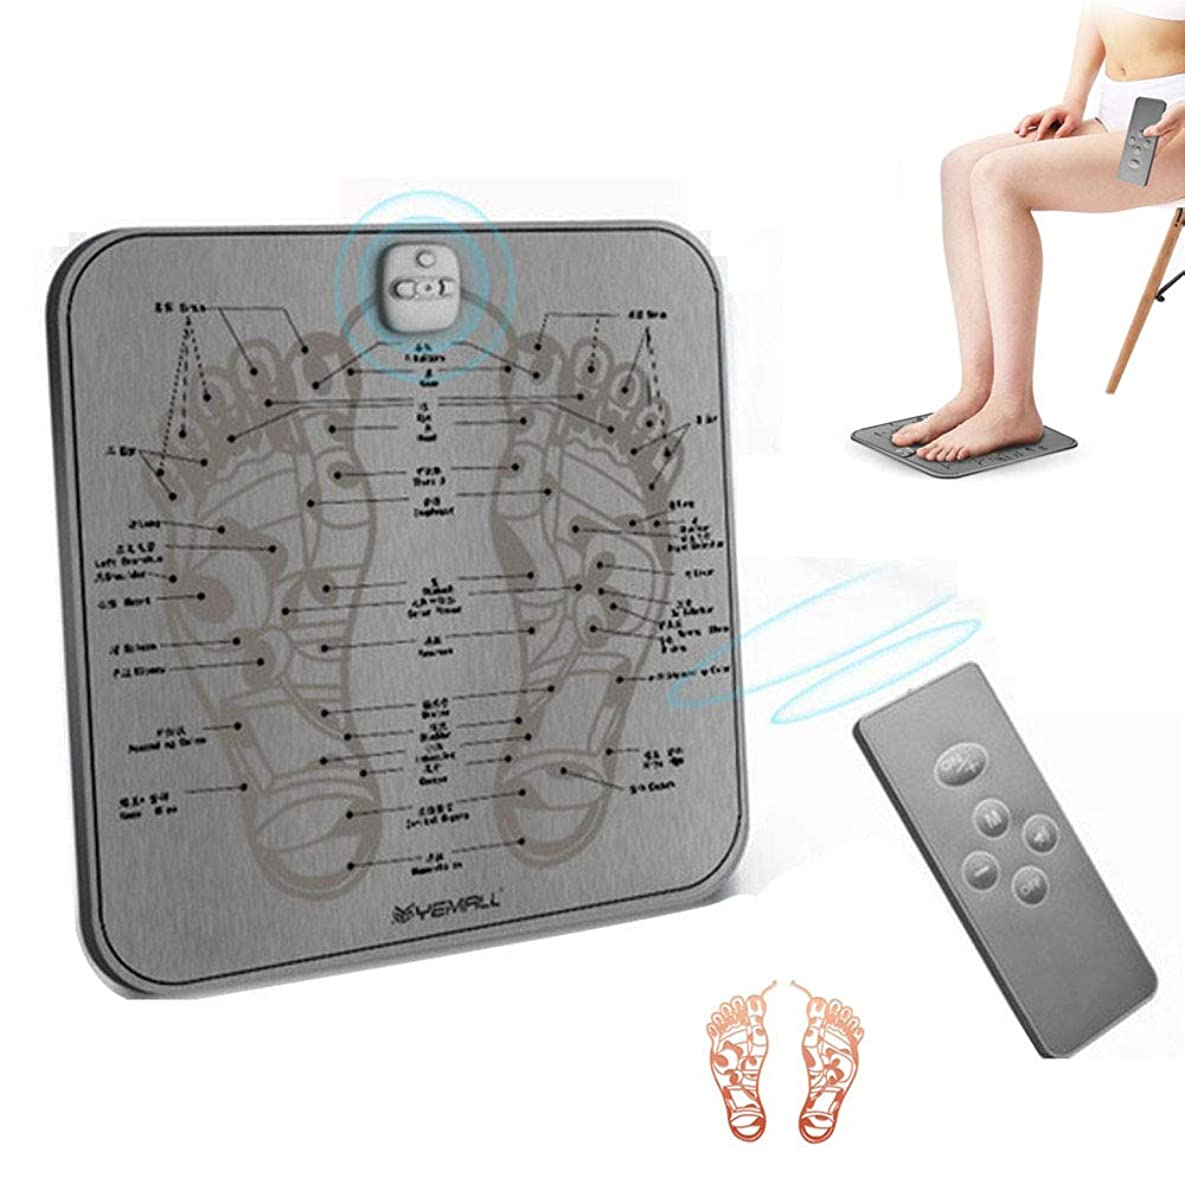 凝縮する思いつく暴露するEMSエレクトリックフットマッサージャーのUSB充電式フット筋トレーナー刺激理学療法バイブレータワイヤレス足マッサージ機